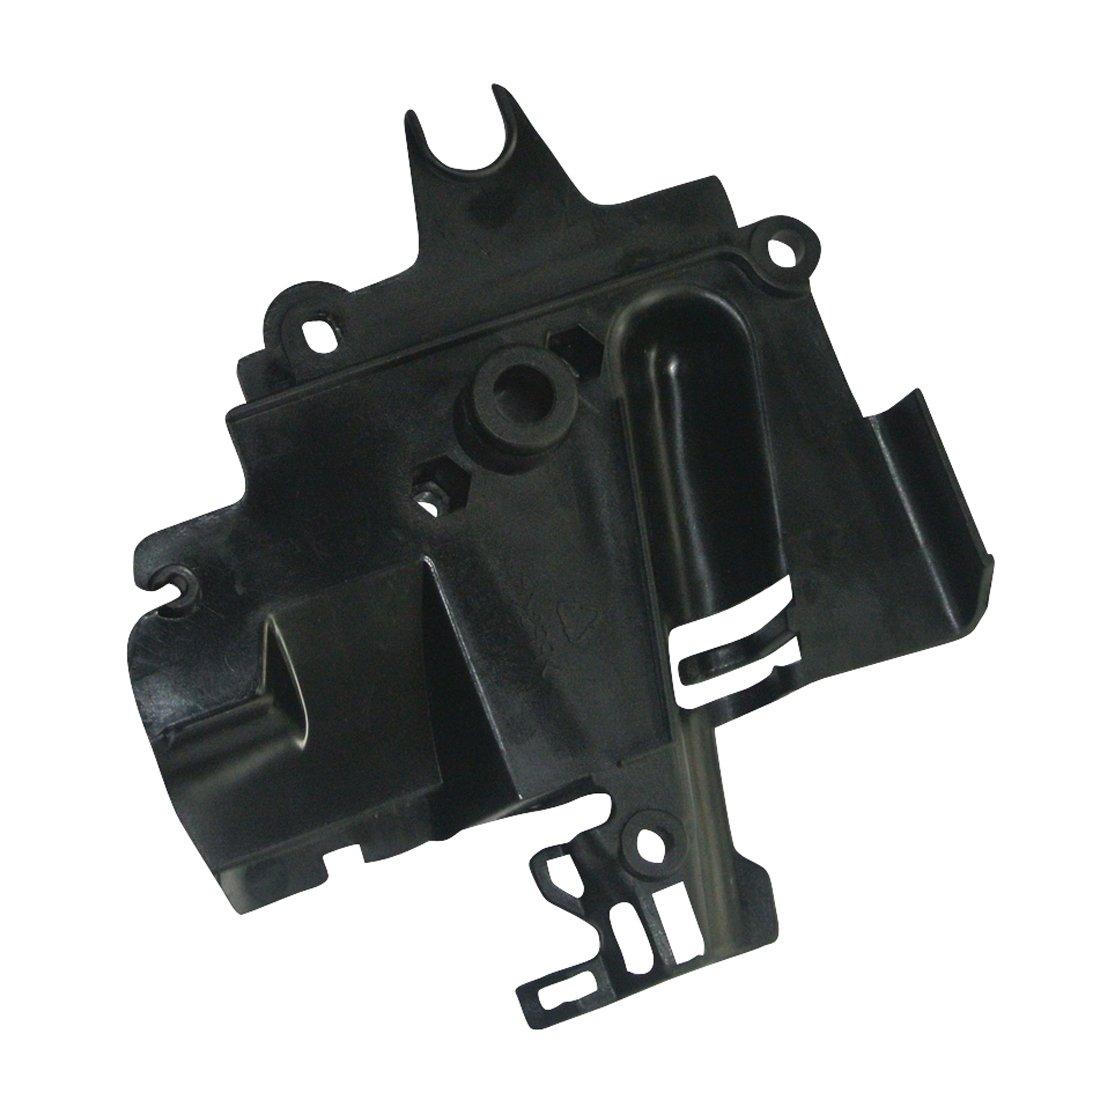 JRL Tuyau dadmission dair Collecteur dair Pour Carburateur R/églage Honda GX35 Engine HHT35S UMK435U UMK435 D/ébrousailleuse D/écoupeuse